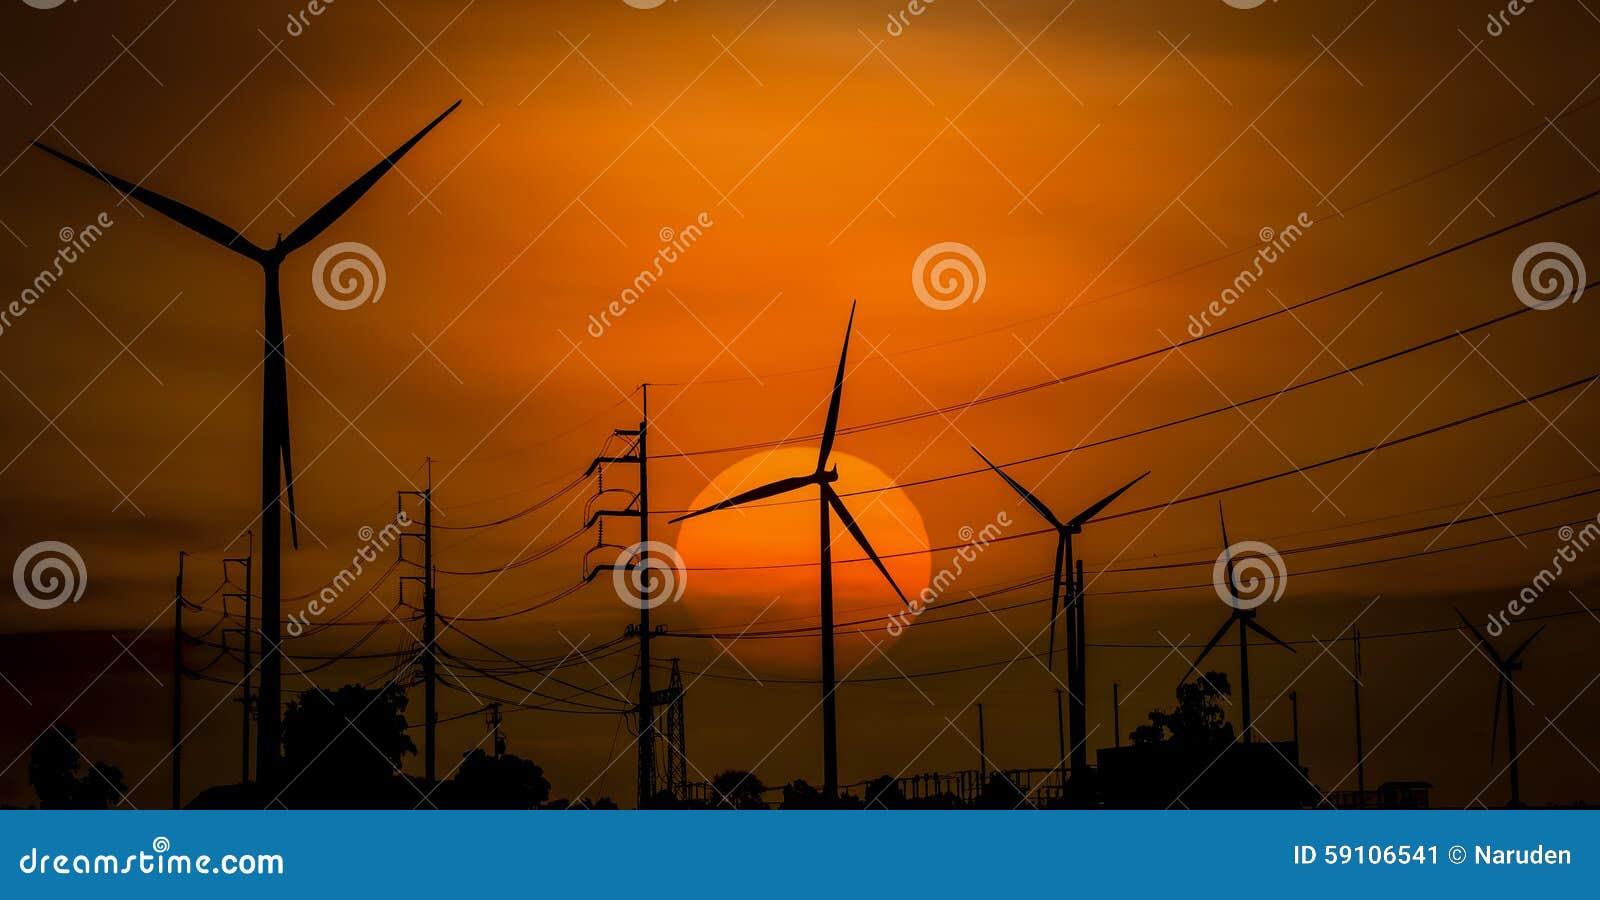 域绿色涡轮风